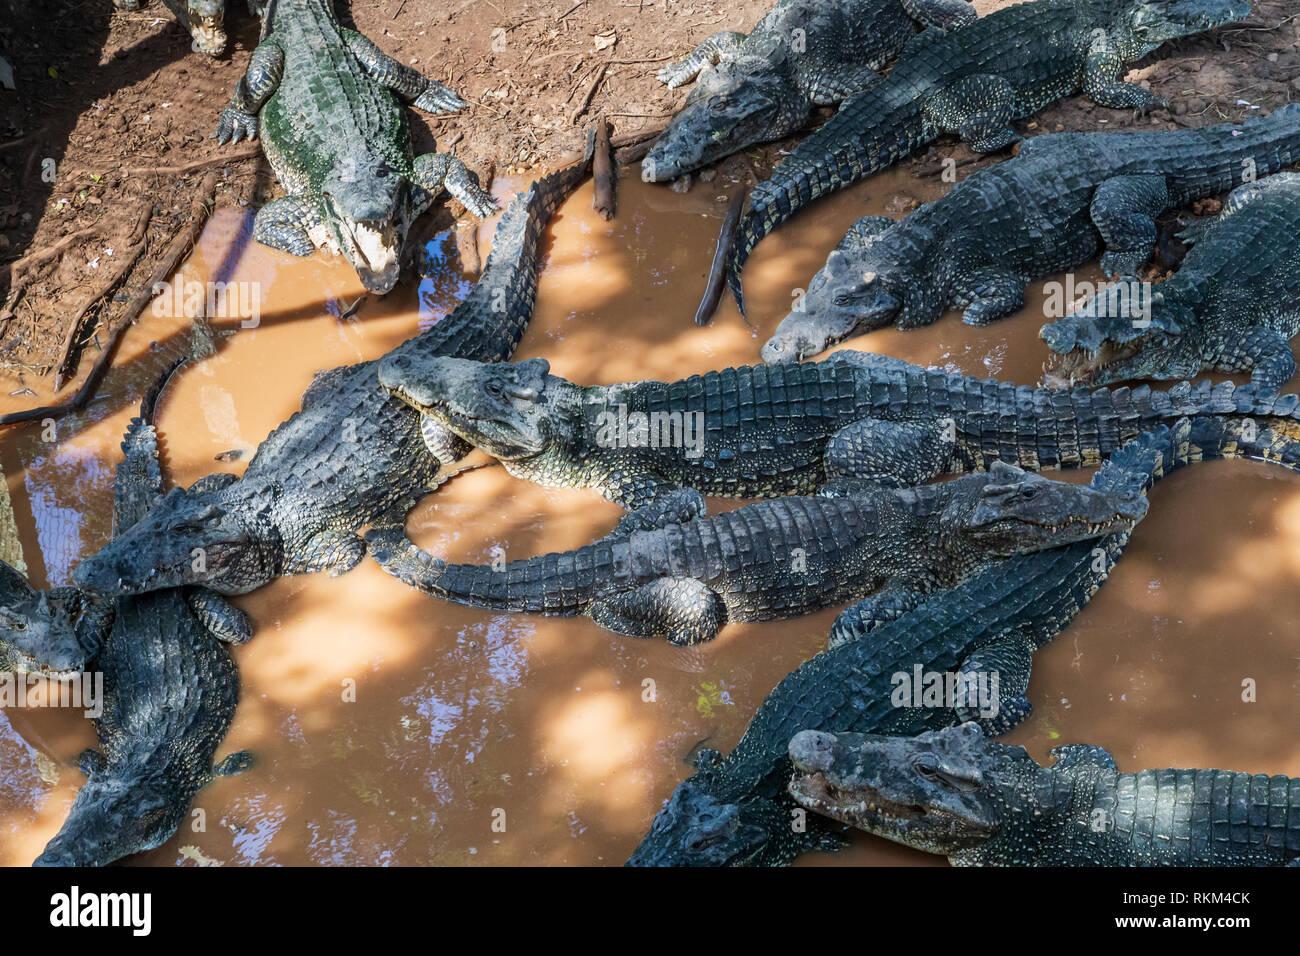 American crocodiles (Crocodylus acutus) at the Cuban crocodile farm Criadero de Cocodrilos in Cuba - Stock Image